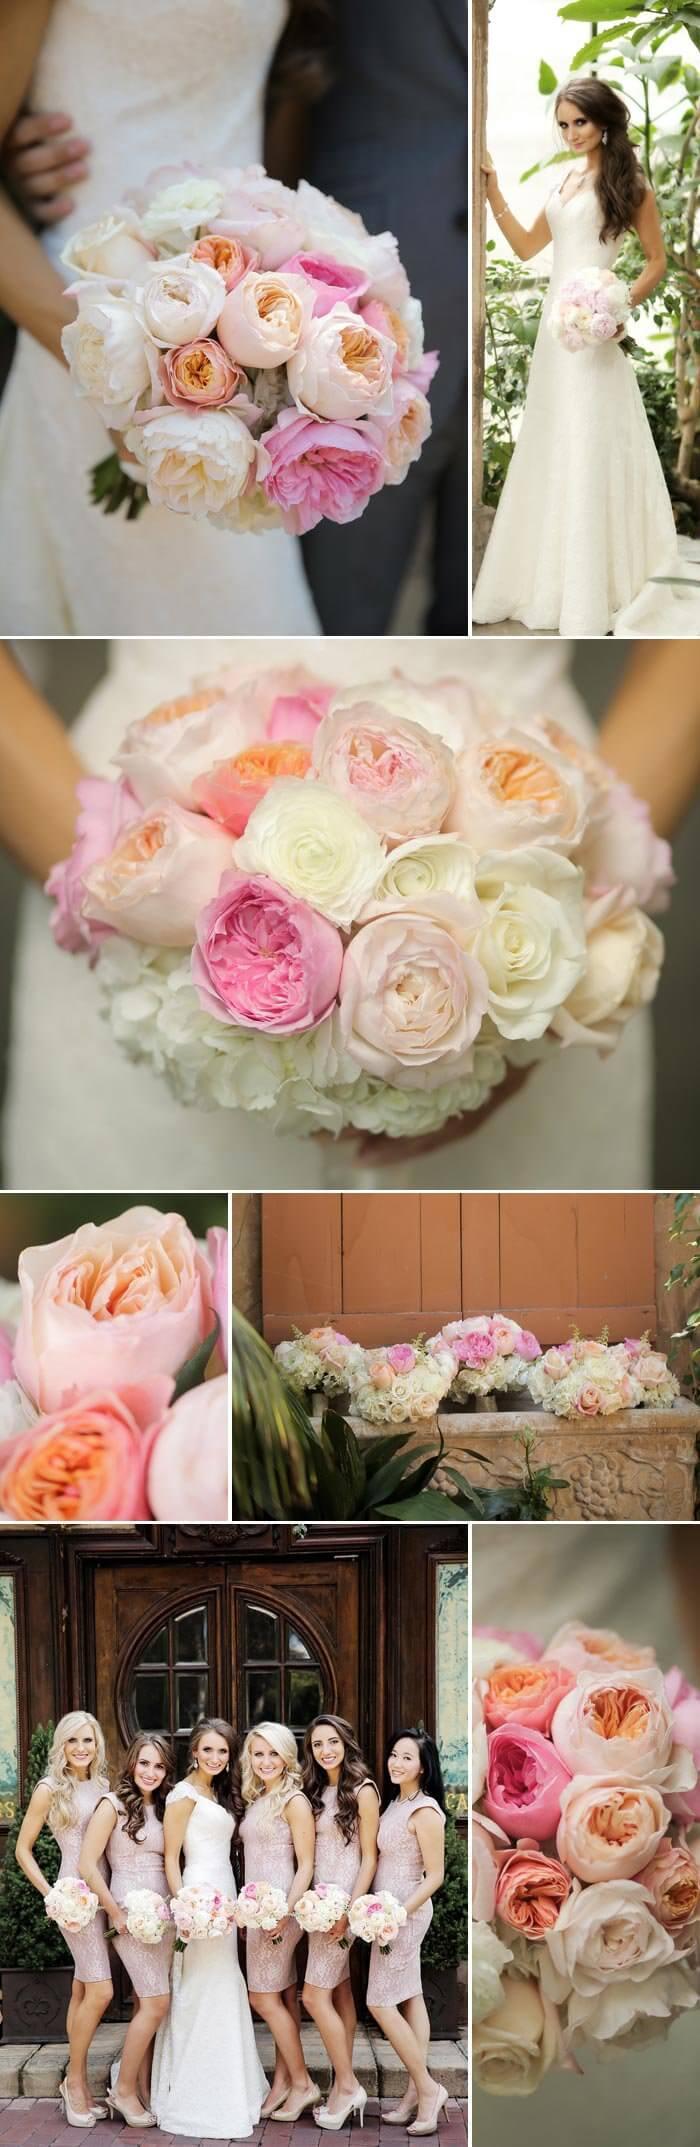 Hochzeitsdeko In Pastell Tolle Fotostory Zu Hochzeit In Pastellfarben